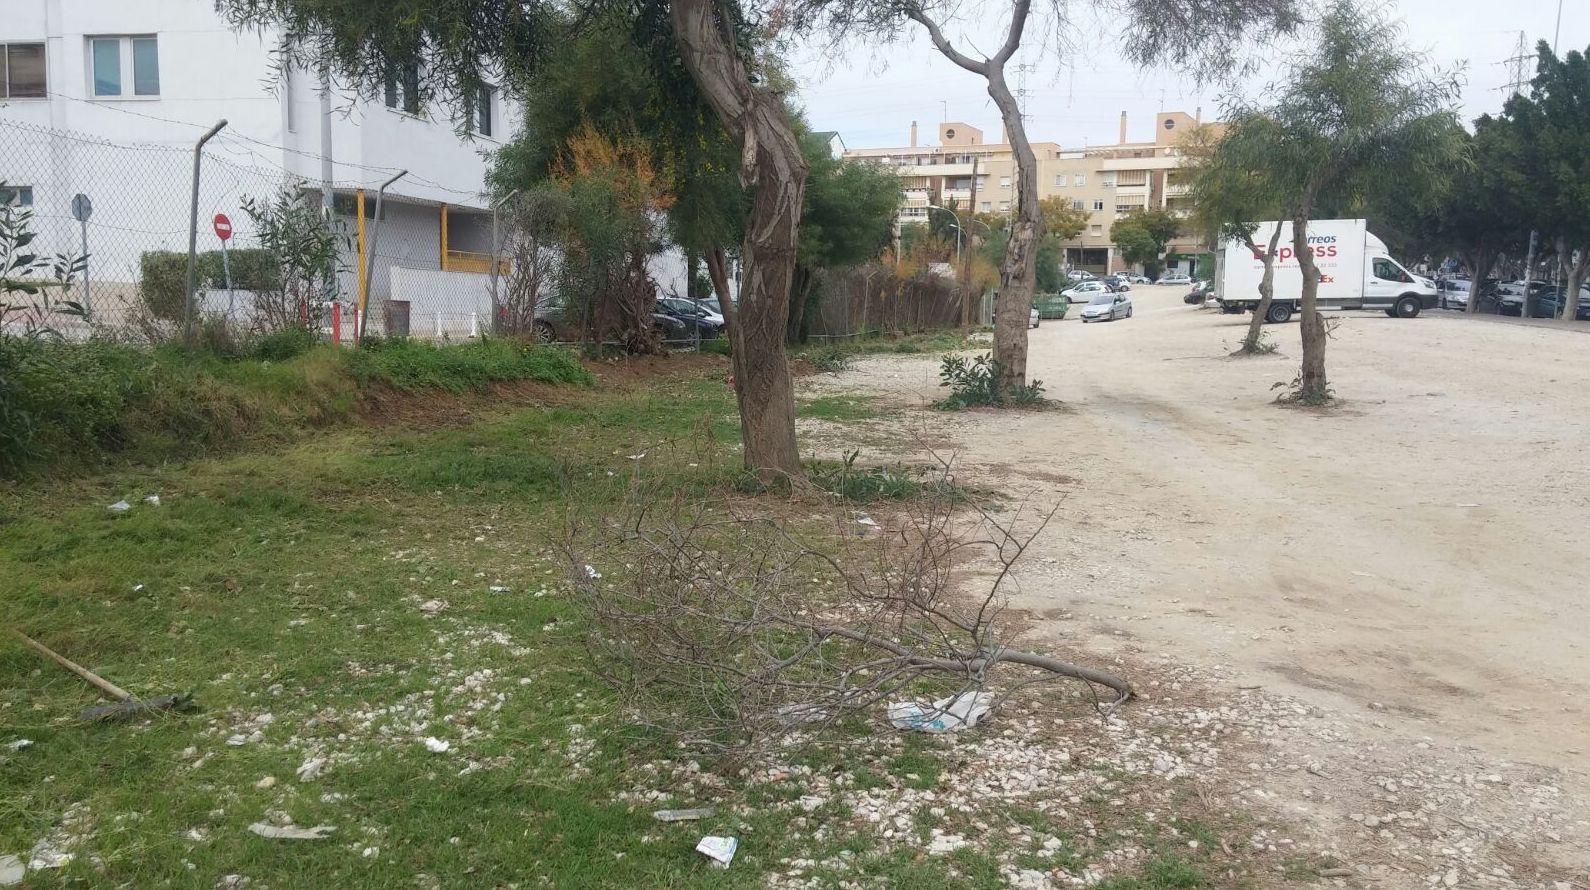 Foto 152 de Asociación de discapacitados en Málaga | Adisma